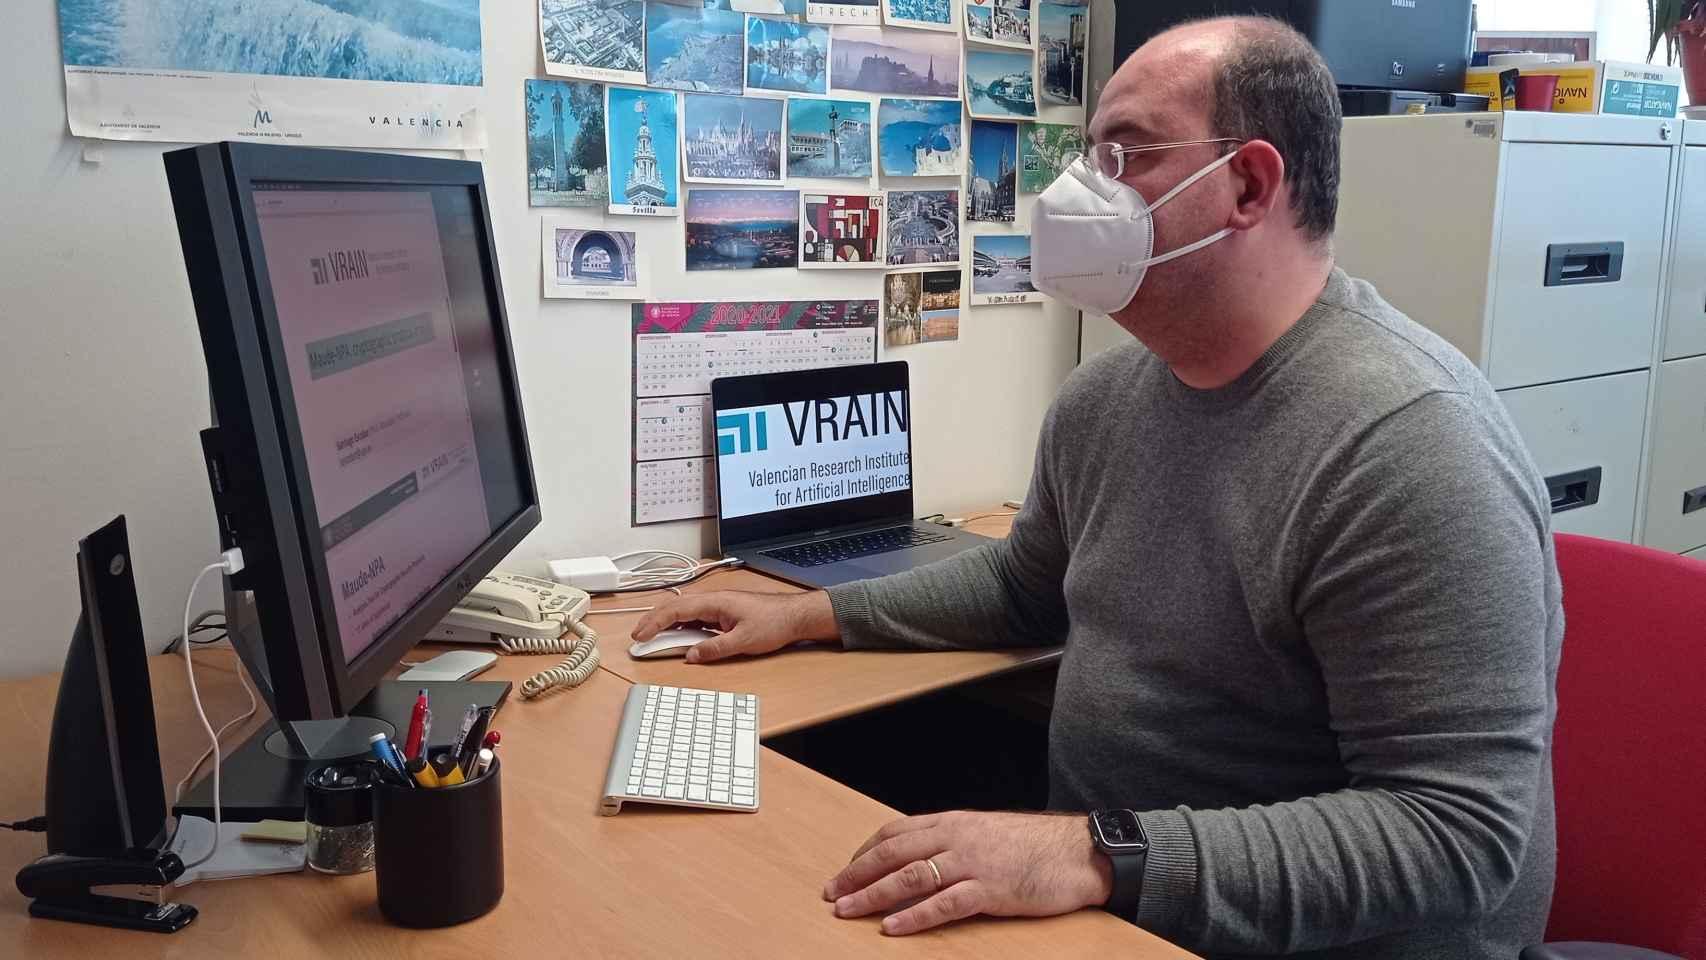 Santiago Escobar, en su despacho del Instituto VRAIN de la Universitat Politècnica de València.